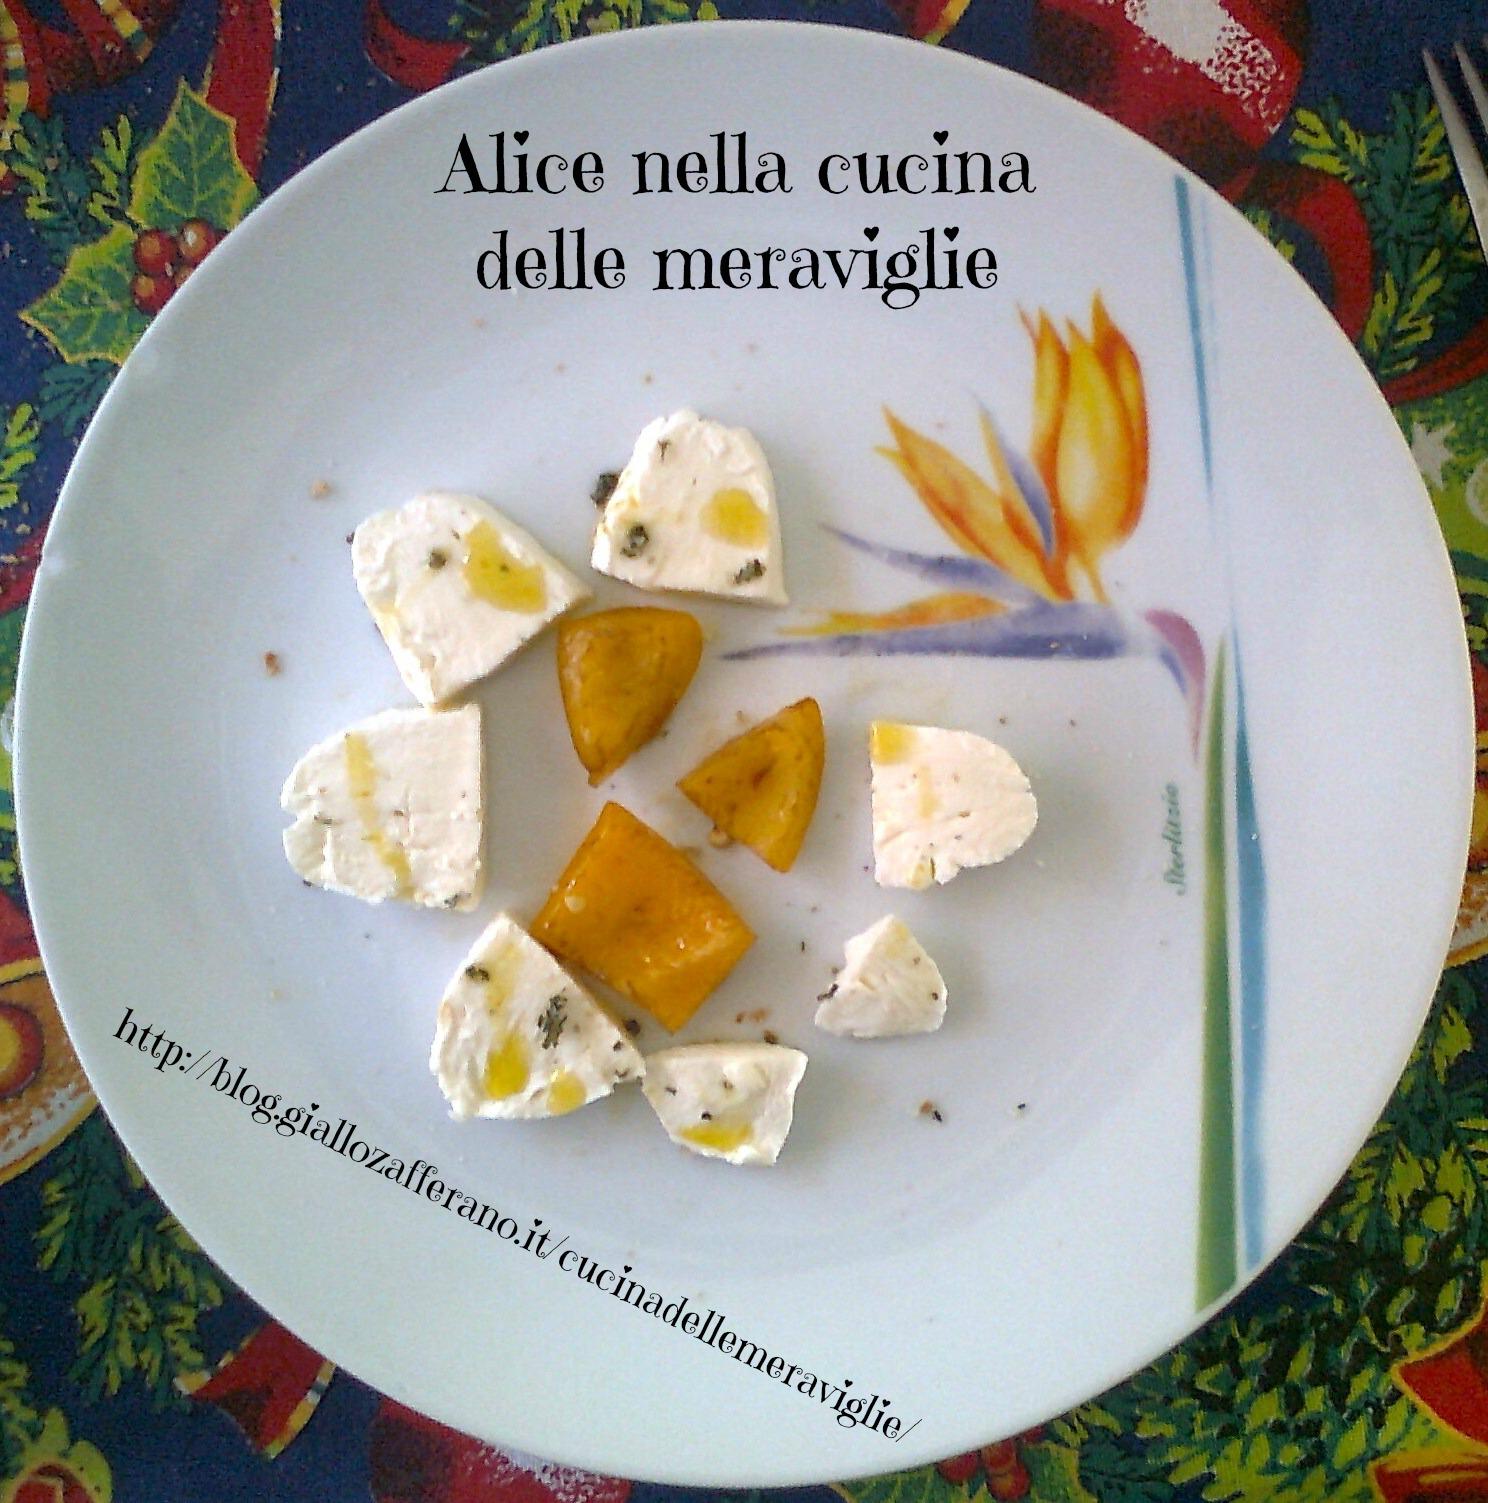 Fiore di mozzarella di bufala e peperone Ricetta antipasto Alice nella cucina delle meraviglie